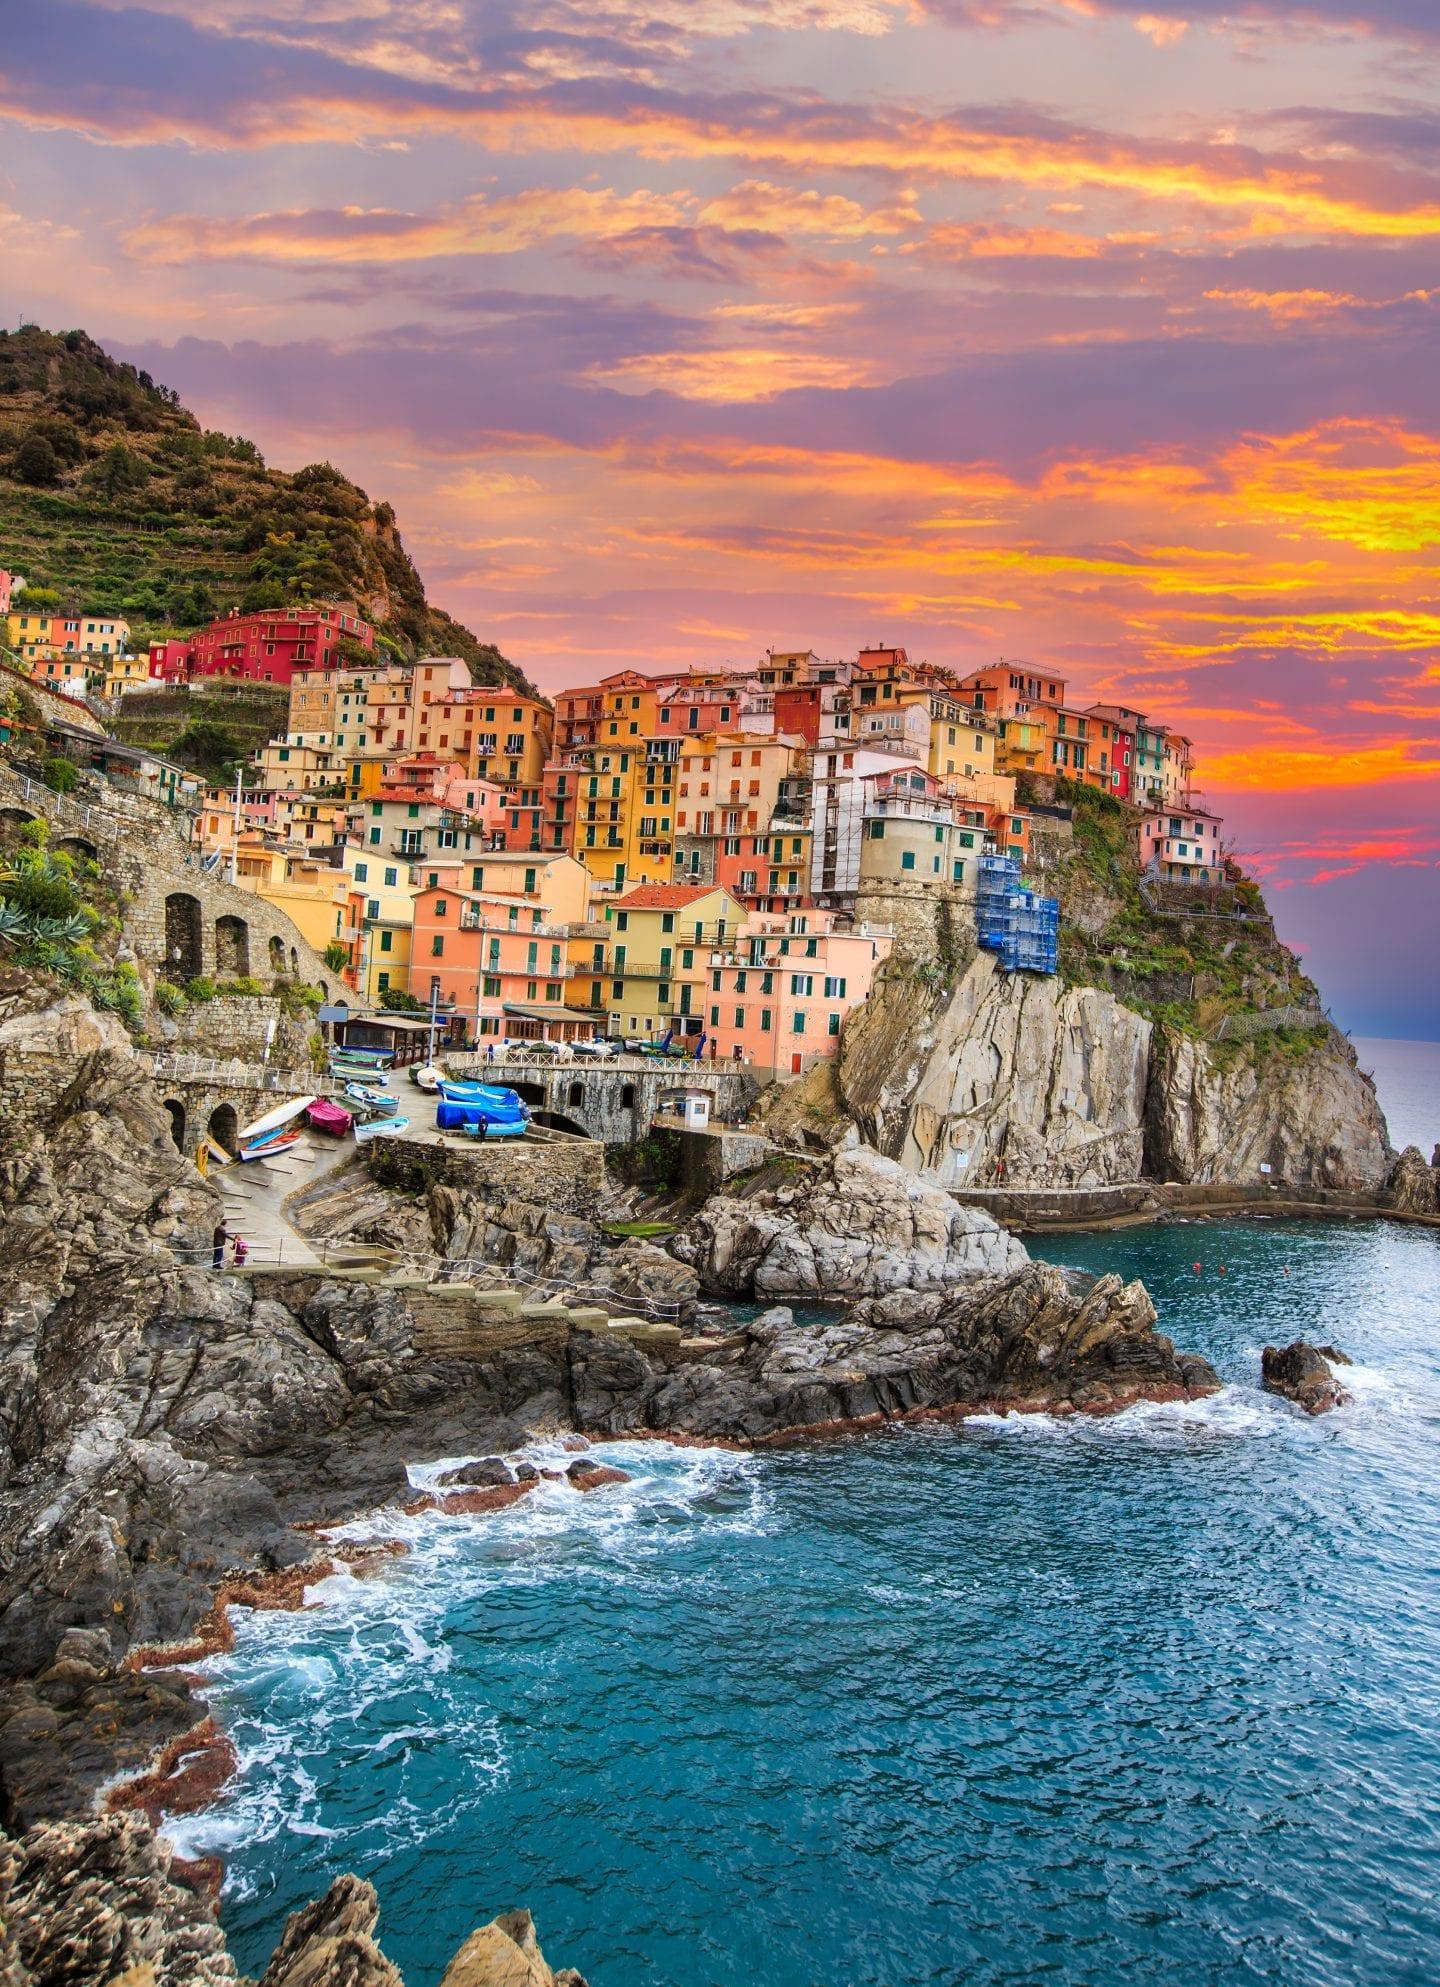 European bucket list destination, Cinque Terre Italy.